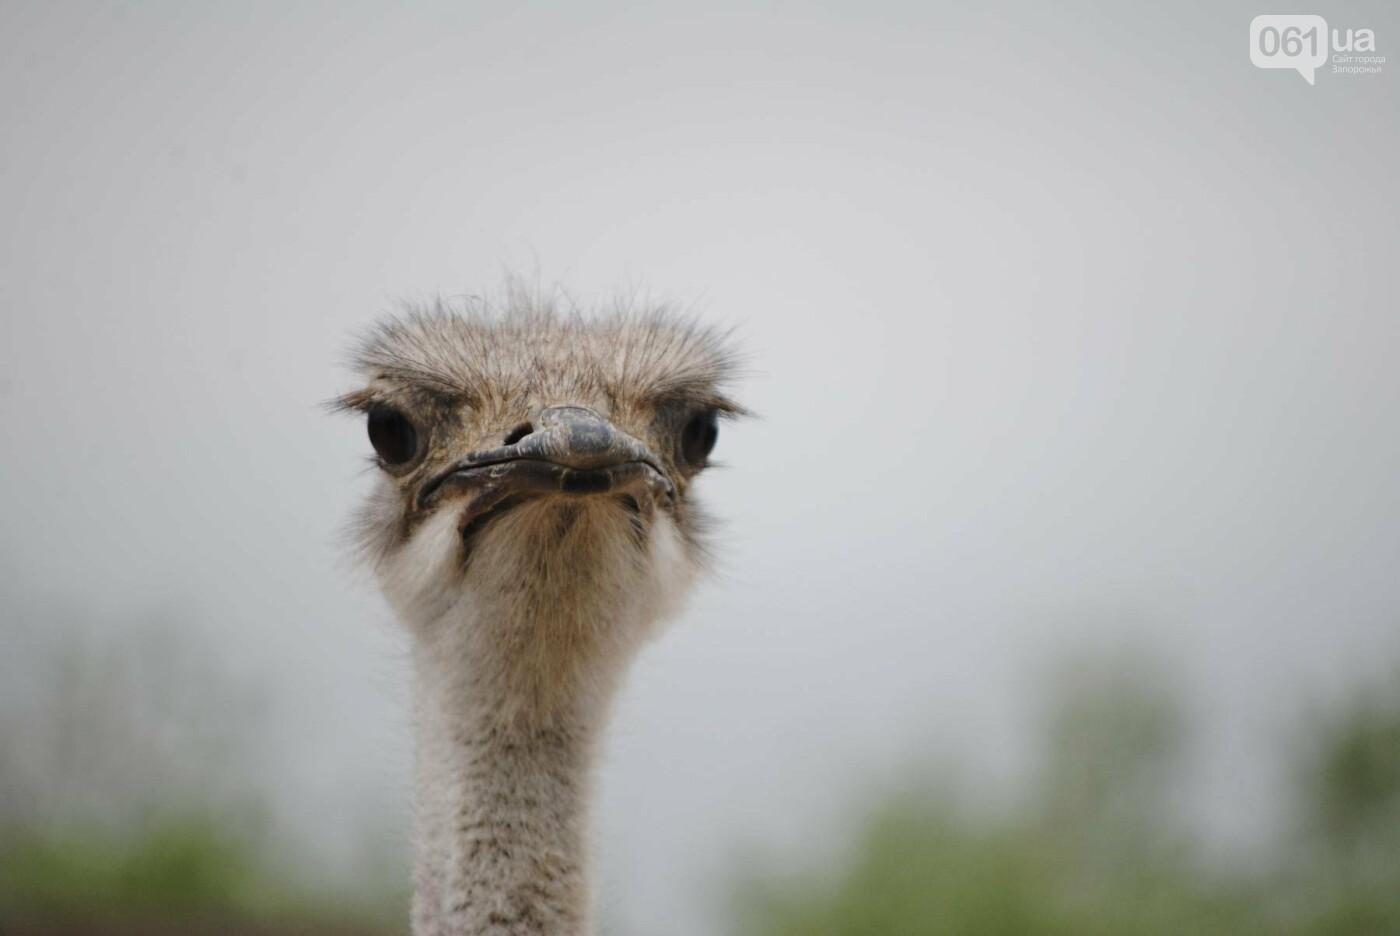 В бердянском зоопарке появились кенгуру: они любят хлеб и скоро станут ручными, - ФОТОРЕПОРТАЖ, фото-18